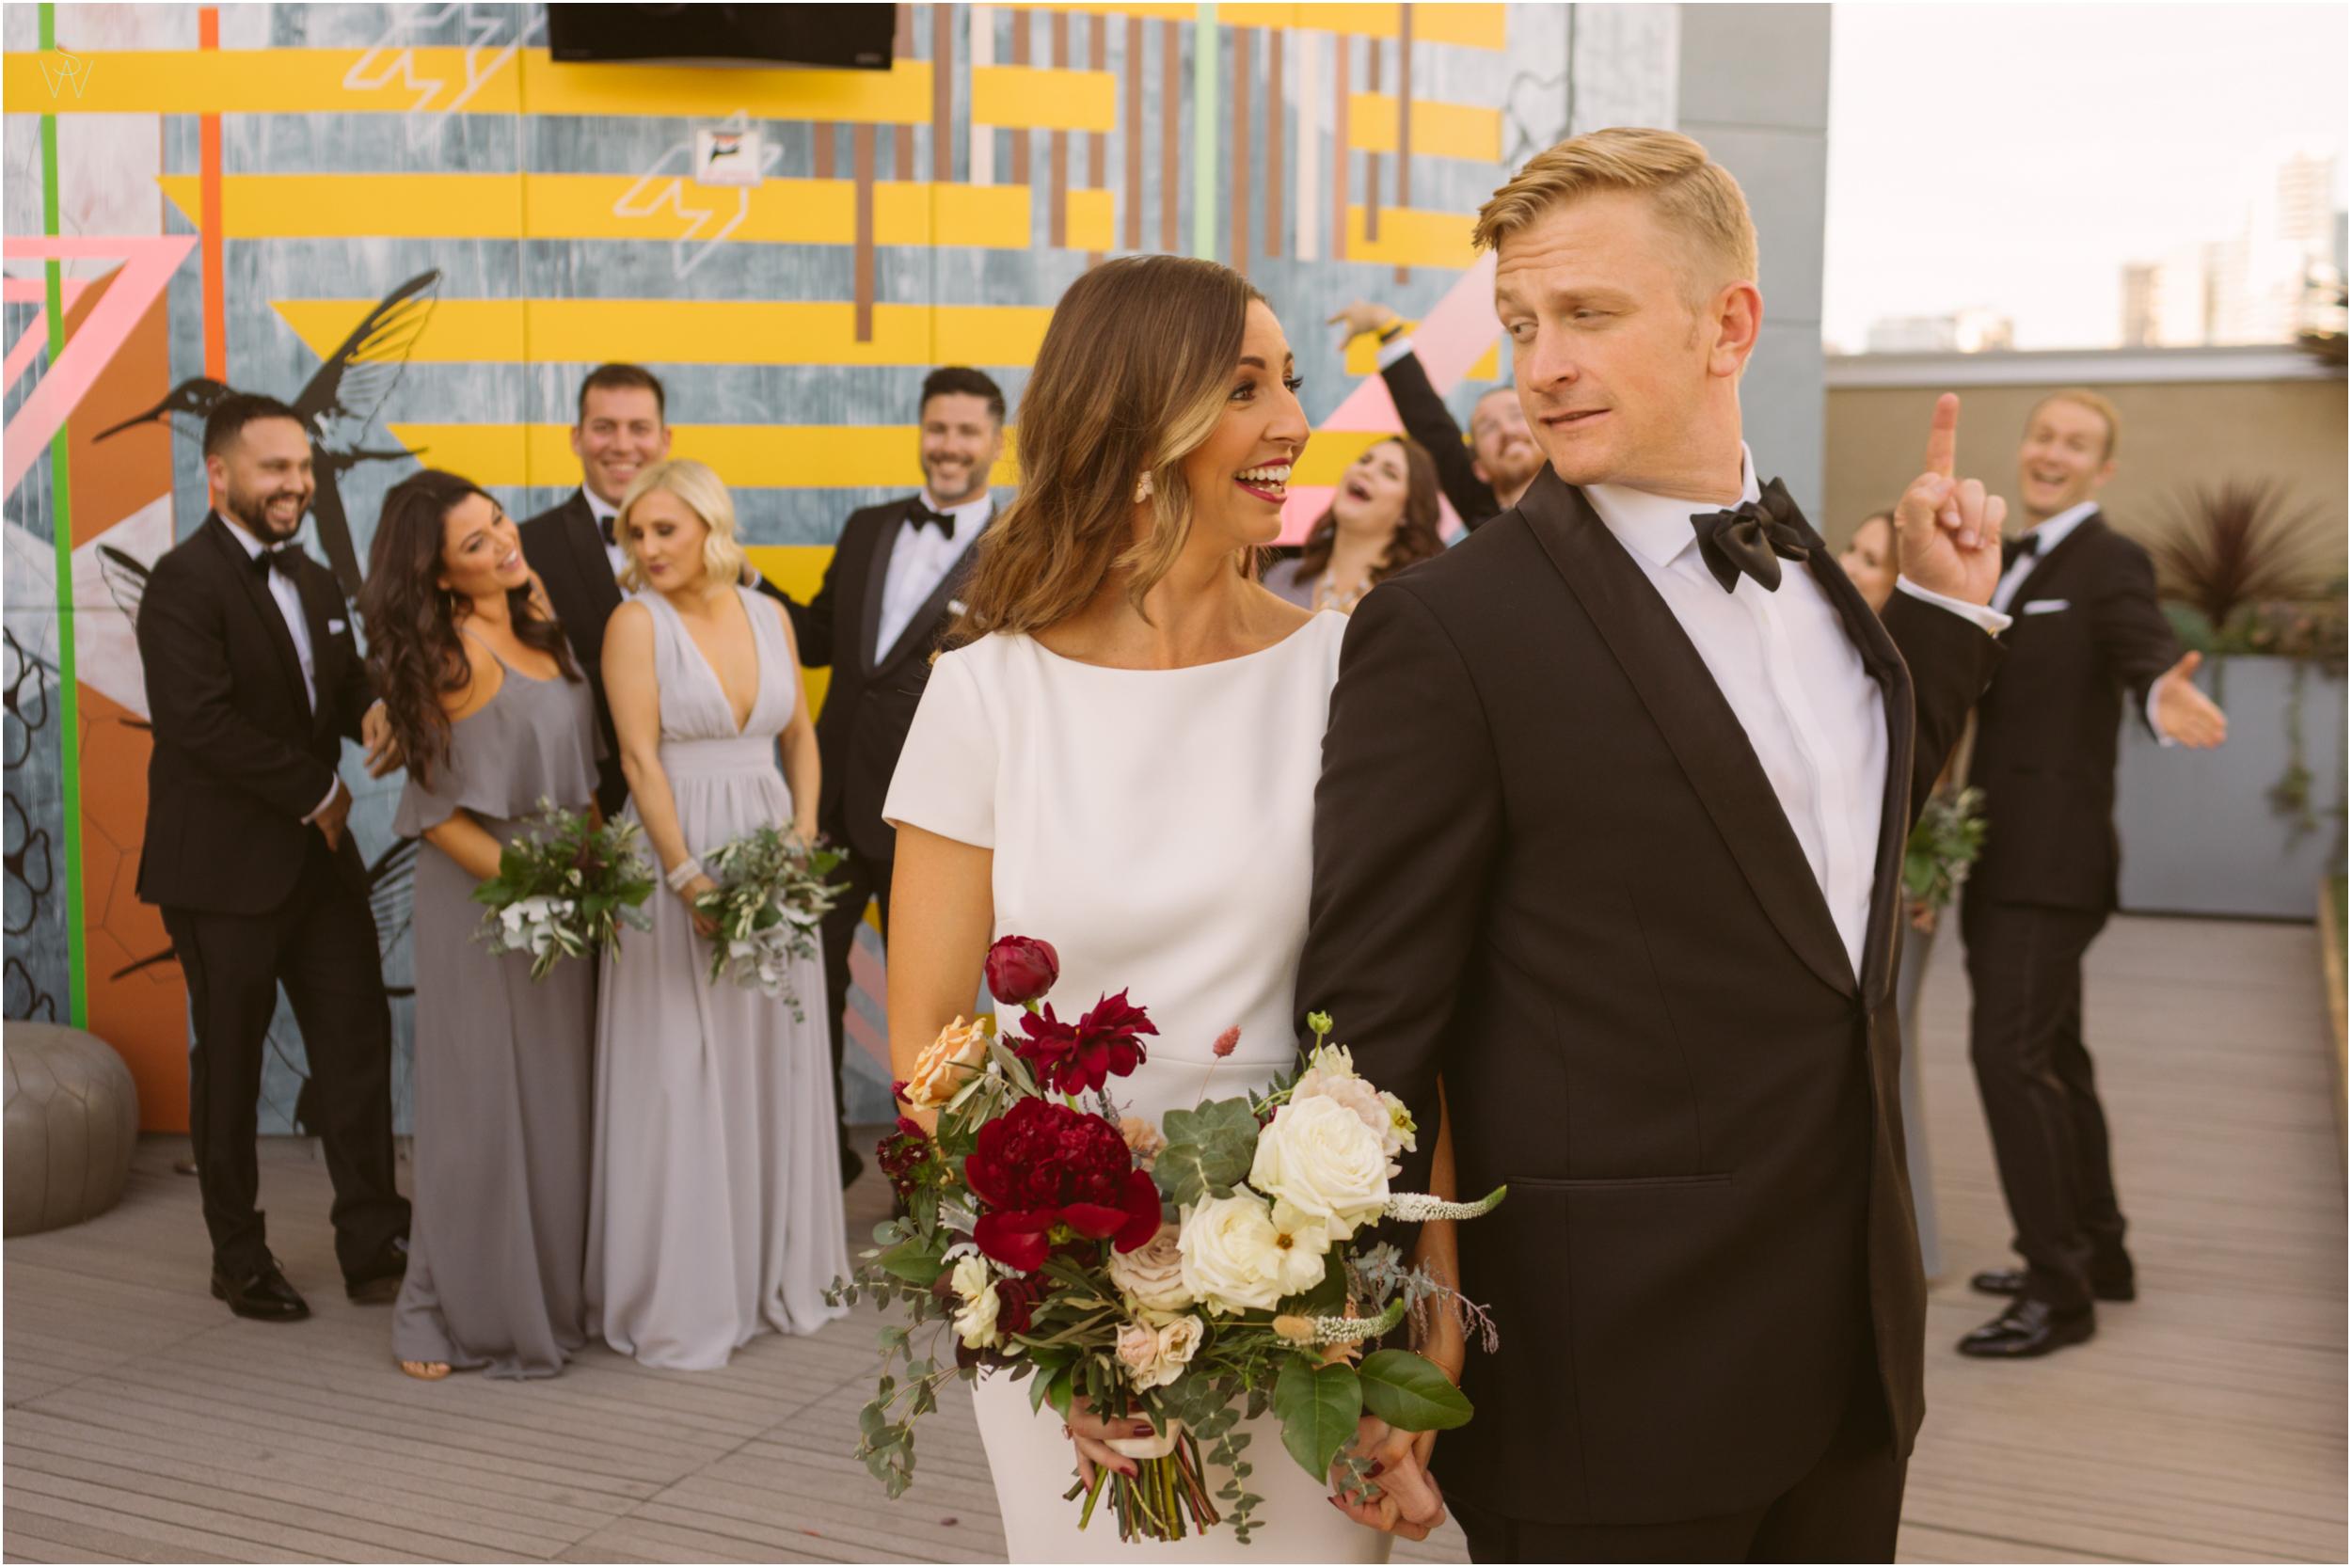 132THE.UNDERGROUND.ELEPHANT.wedding.photography.shewanders.JPG